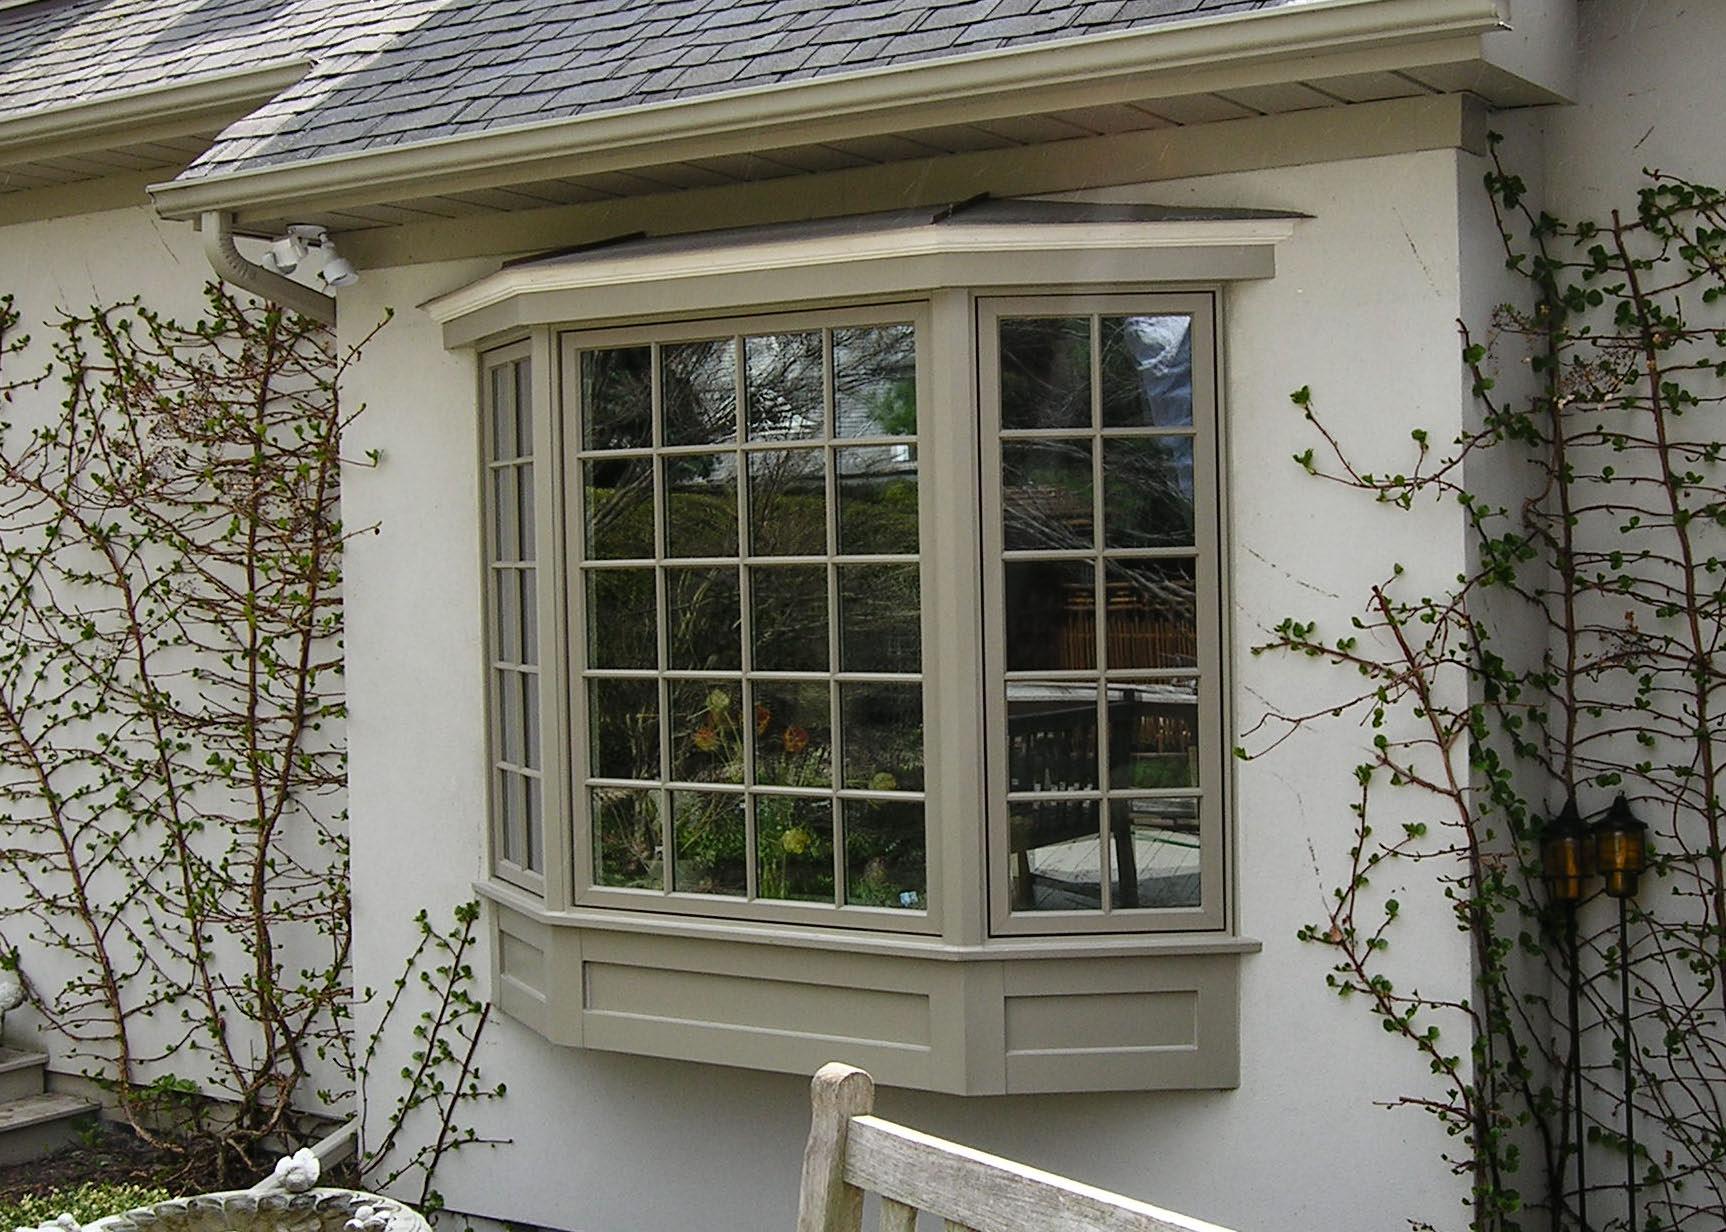 Buitenschrijnwerk alles over buitenschrijnwerk voor uw for House window outside design